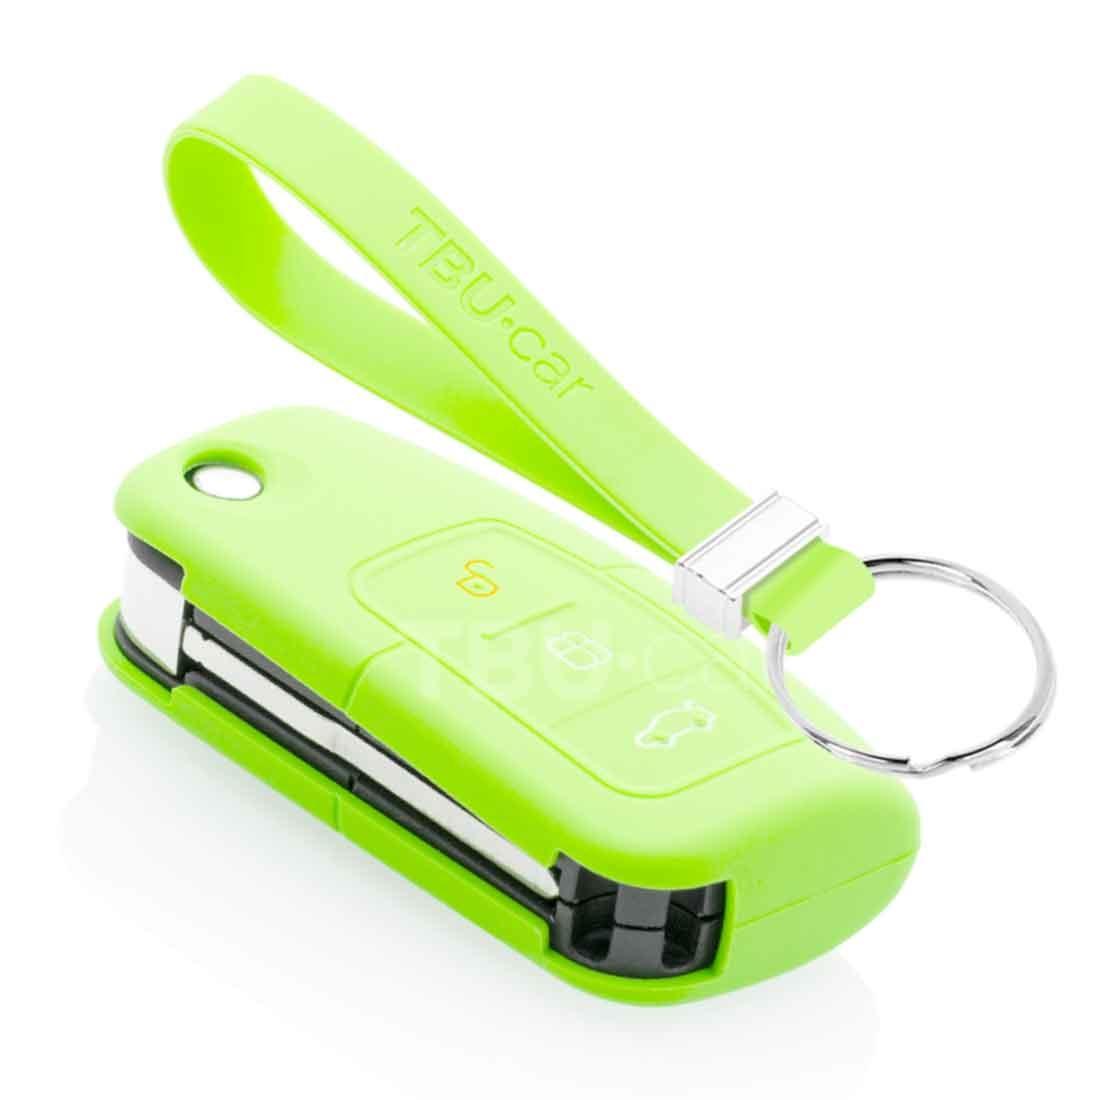 TBU car TBU car Autoschlüssel Hülle kompatibel mit Ford 3 Tasten - Schutzhülle aus Silikon - Auto Schlüsselhülle Cover in Im Dunkeln leuchten